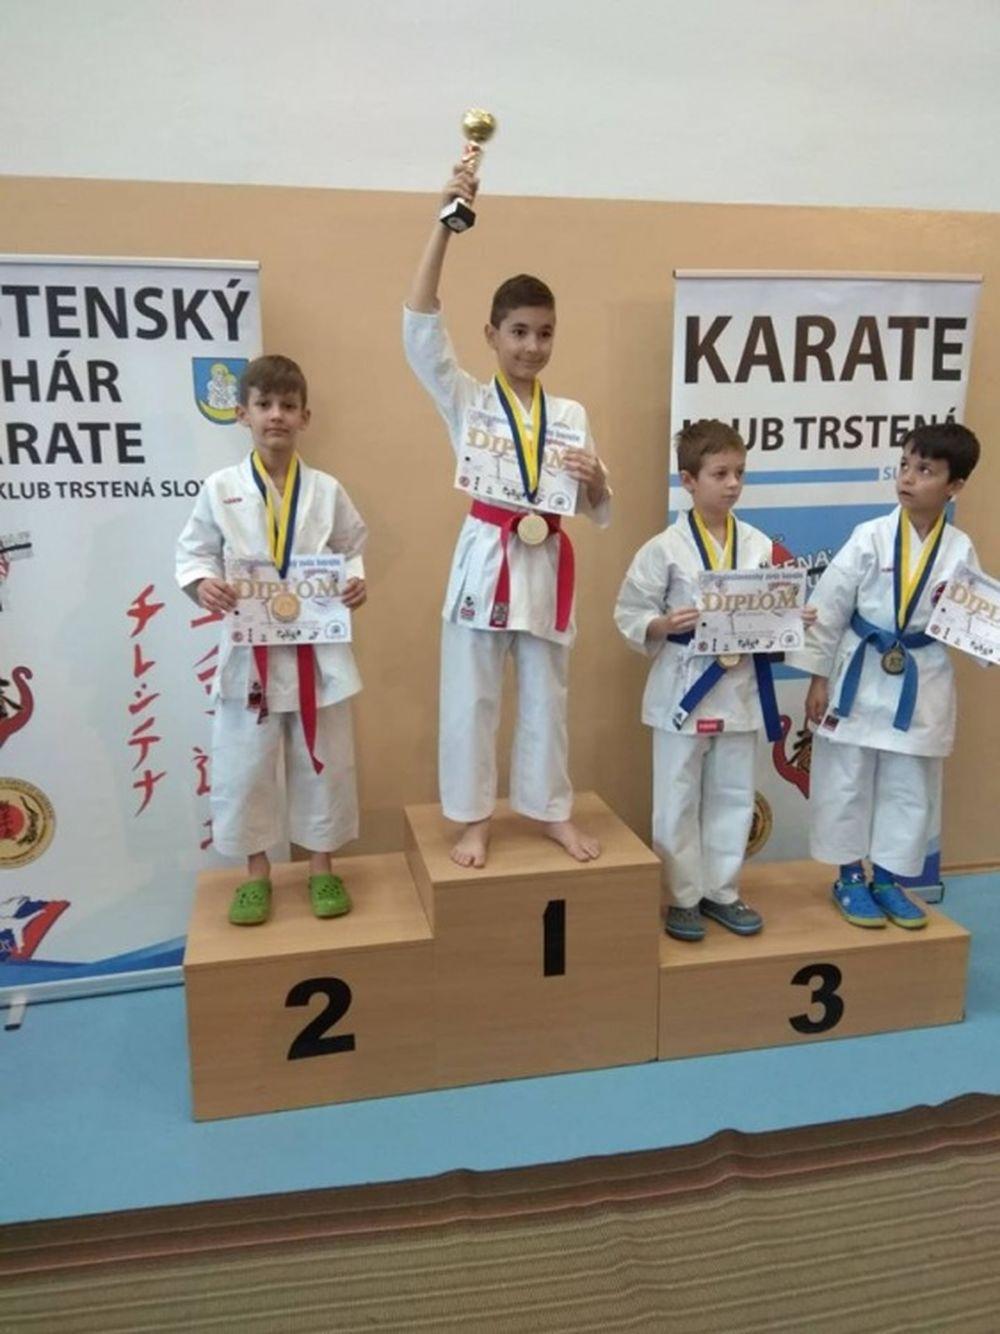 Úspechy AC UNIZA Karate klub Žilina počas októbra, foto 12